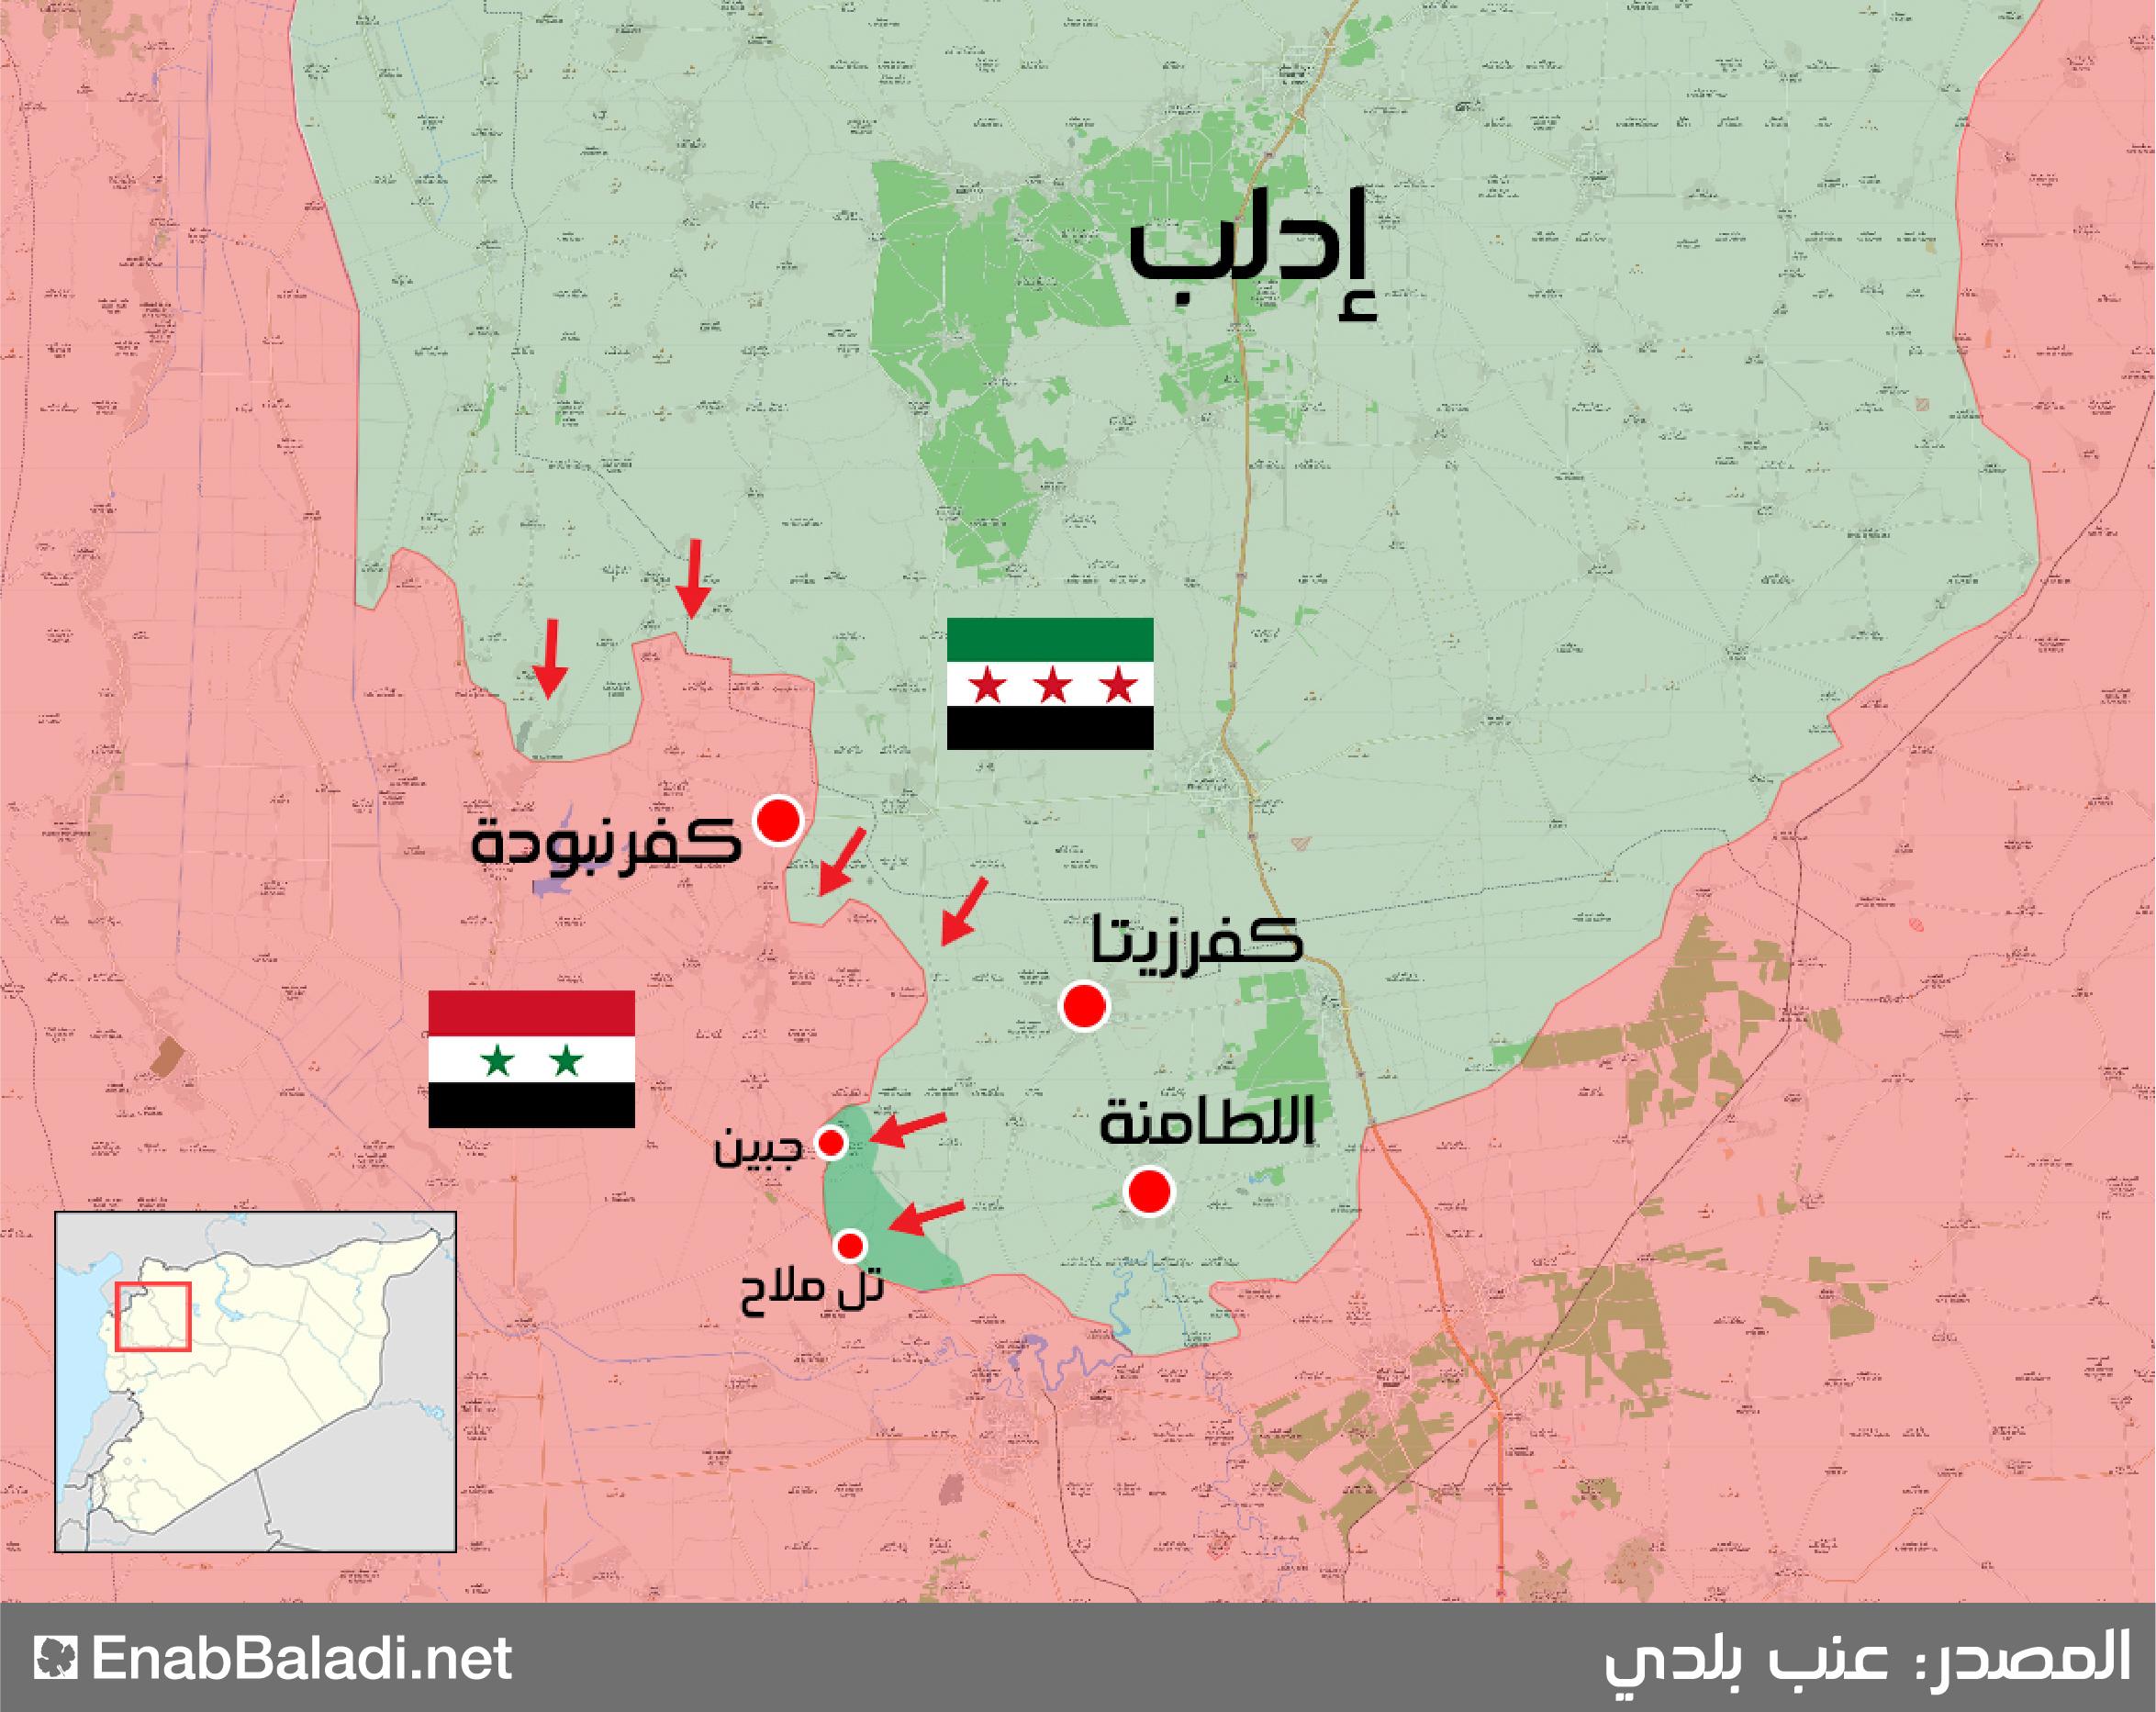 خريطة توضح المحاور التي تتقدم من خلالها فصائل المعارضة في ريف حماة الشمالي - 8 من حزيران 2019 (عنب بلدي)